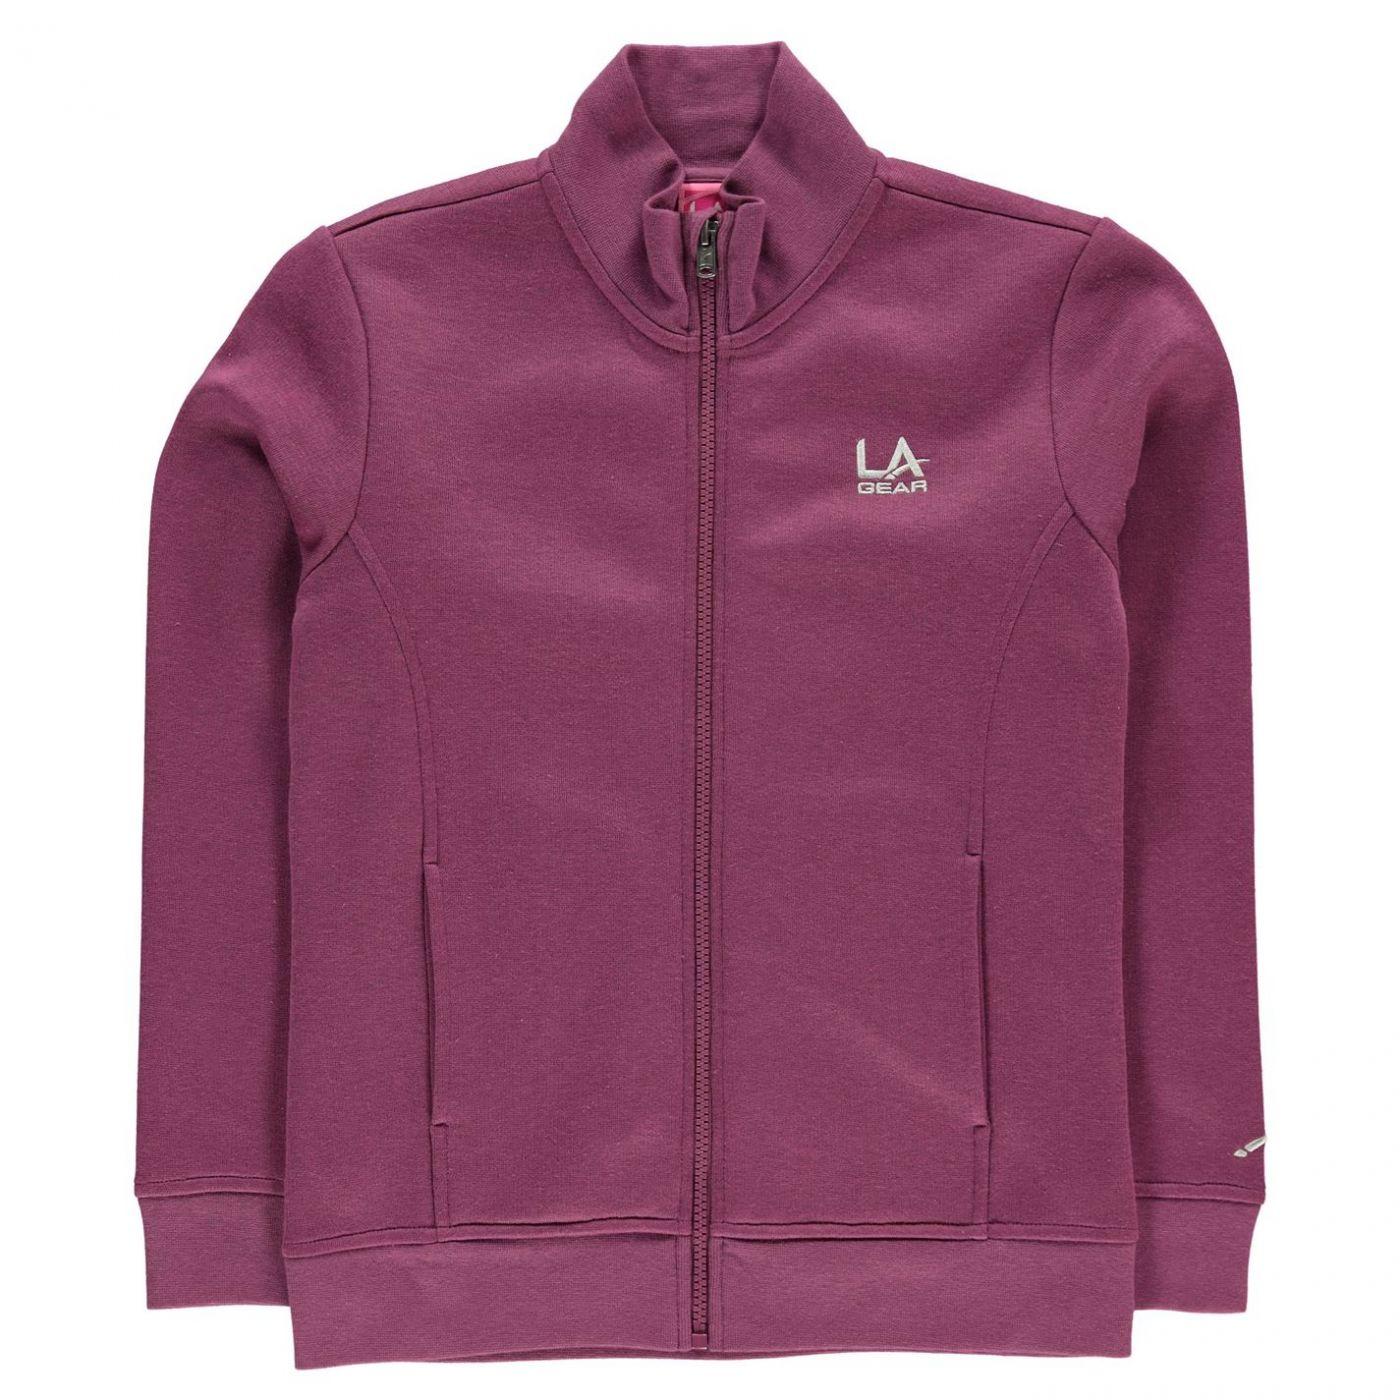 LA Gear Full Zip Fleece Girls